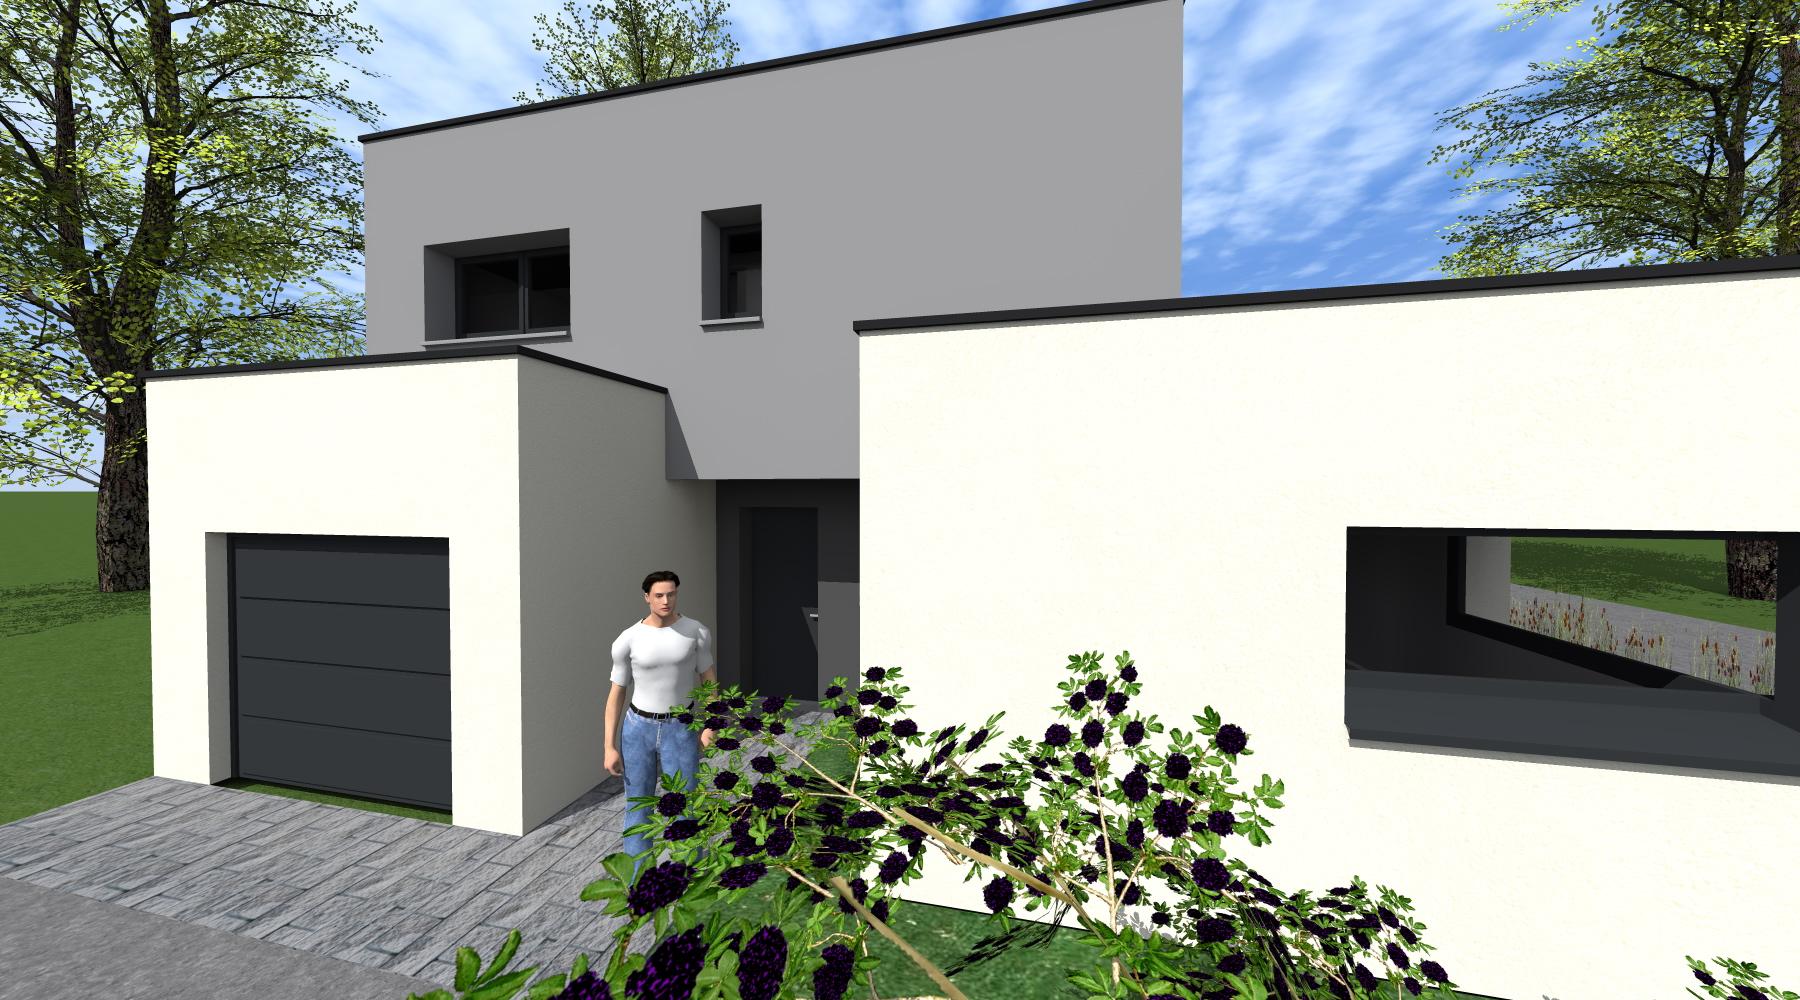 projet lg m 1 2 vue architecte lise roturier rennes 35000. Black Bedroom Furniture Sets. Home Design Ideas